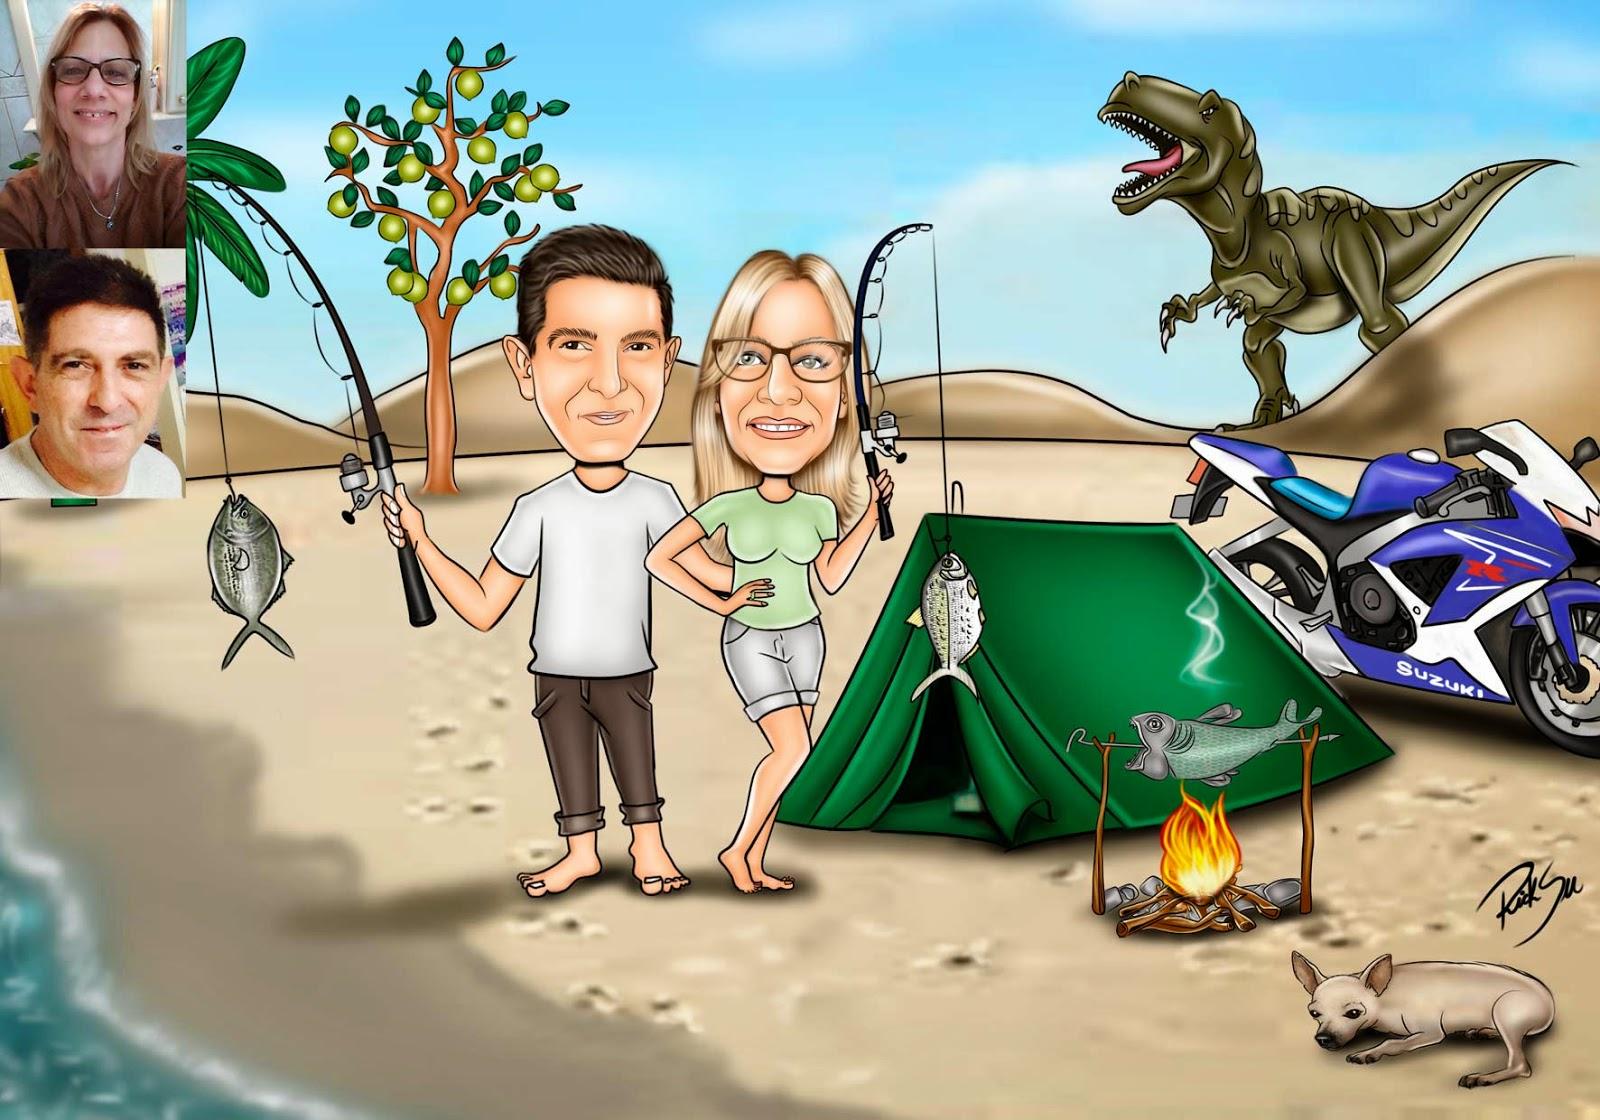 dinossauro e barraca na praia